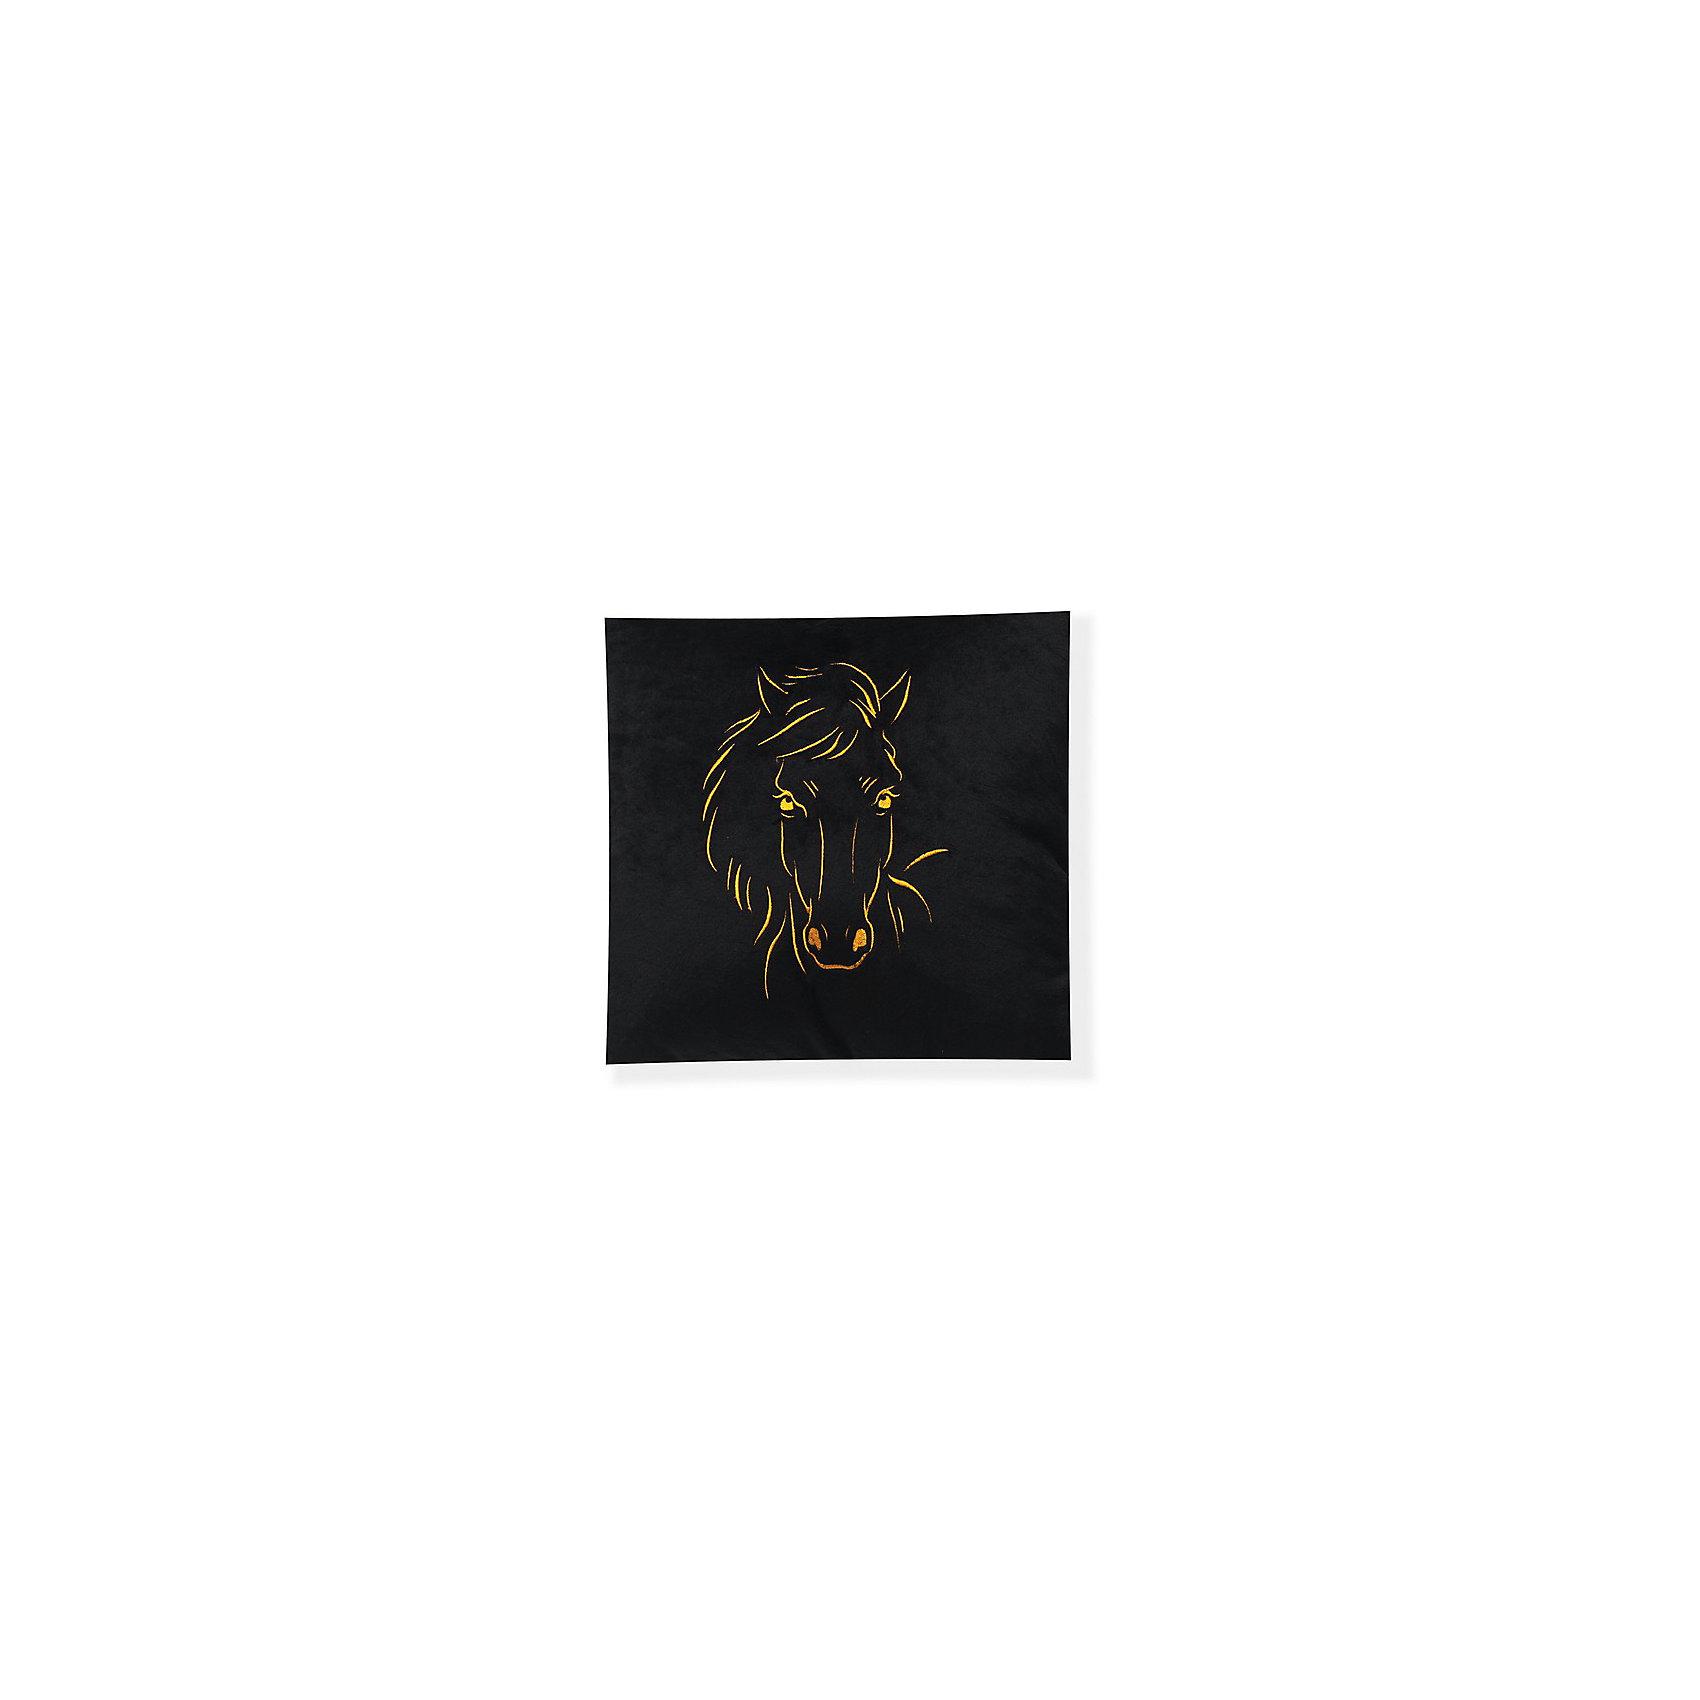 Декоративная подушка Лошадь арт. 1845-1, Small Toys, черныйДомашний текстиль<br>Характеристики товара:<br><br>• цвет: черный<br>• материал: текстиль, наполнитель<br>• размер: 31х31 см<br>• фактура: короткий искусственный мех<br>• украшена изображением лошади<br>• декоративная<br>• страна бренда: Российская Федерация<br>• страна производства: Российская Федерация<br><br>Красивая и качественная подушка может отличным подарком ребенку или взрослому. Она декорирована изображением лошади - а кто не любит этих благородных животных?! Подушка сделана из приятного на ощупь материала и мягкого наполнителя.<br>Такое изделие будет отлично смотреться в интерьерах разных стилей, добавляя в комнату уюта. Она выполнена в приятной расцветке. Швы хорошо проработаны. Изделие произведено из сертифицированных материалов, безопасных для детей.<br><br>Декоративную подушку Лошадь арт. 1845-1 от бренда Small Toys можно купить в нашем интернет-магазине.<br><br>Ширина мм: 160<br>Глубина мм: 350<br>Высота мм: 350<br>Вес г: 430<br>Возраст от месяцев: 36<br>Возраст до месяцев: 72<br>Пол: Унисекс<br>Возраст: Детский<br>SKU: 5272896